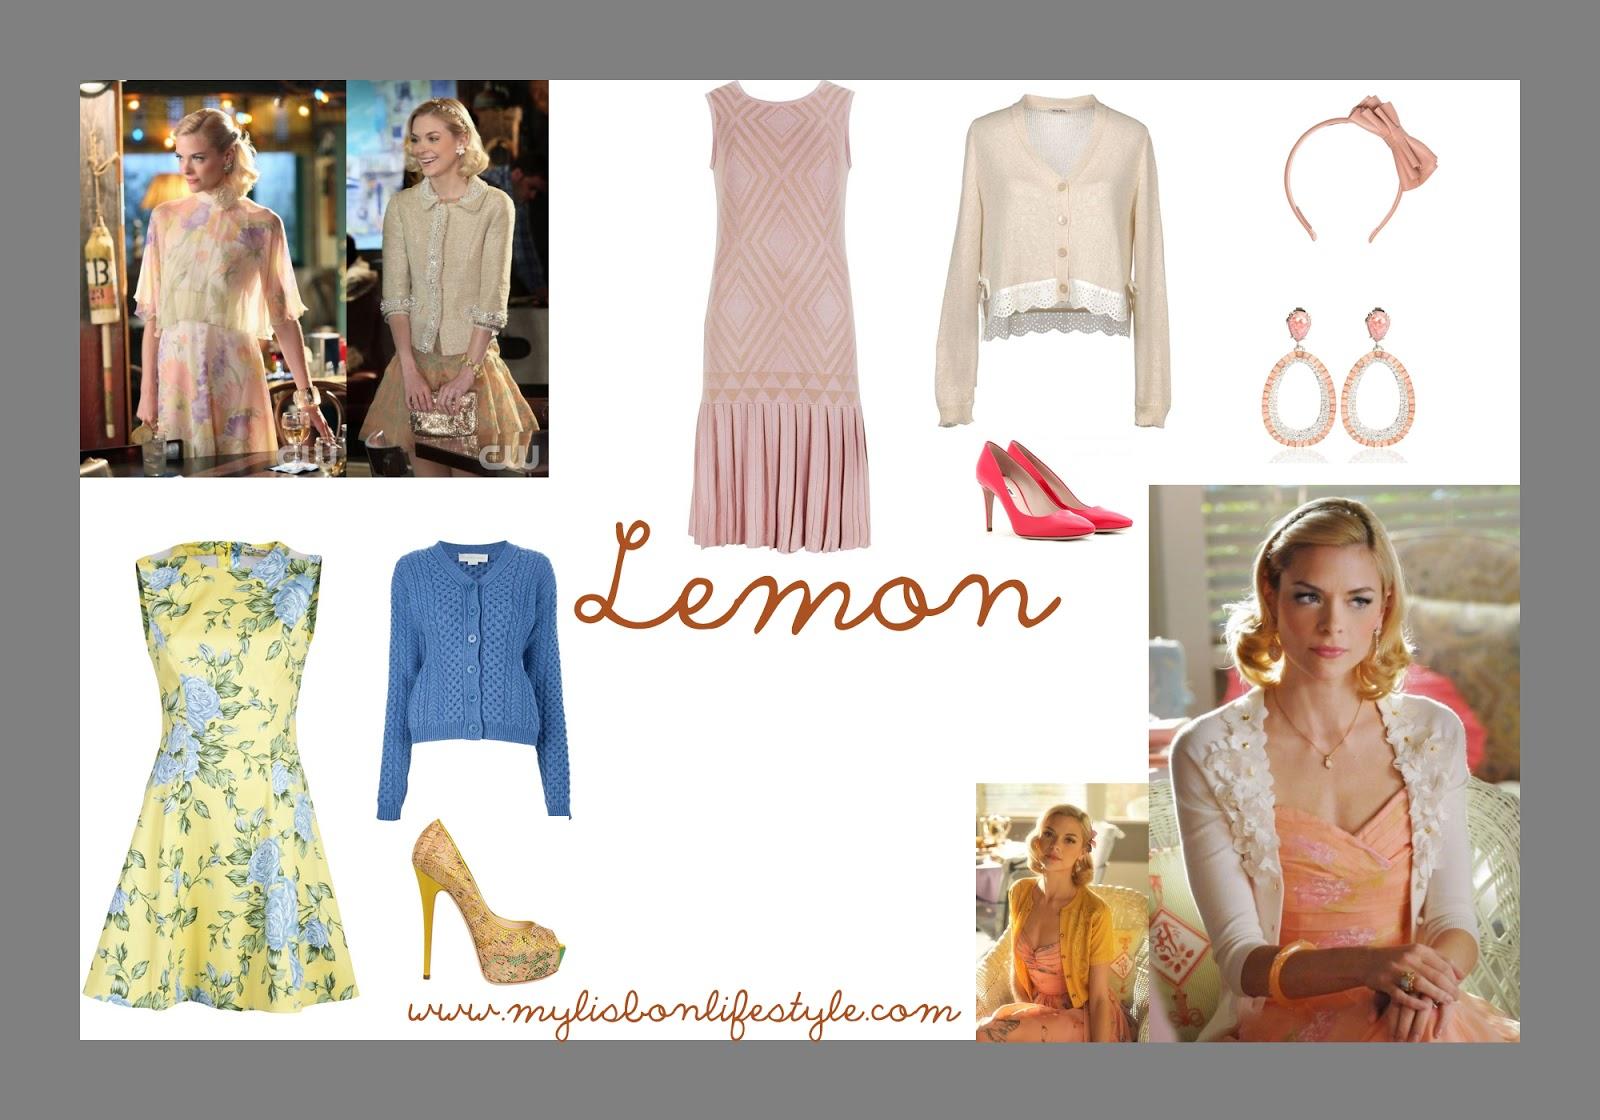 http://3.bp.blogspot.com/-fGUAUq48UwQ/UMtEiGG9Z4I/AAAAAAAADdQ/2yI2LzEclYI/s1600/lemon.jpg